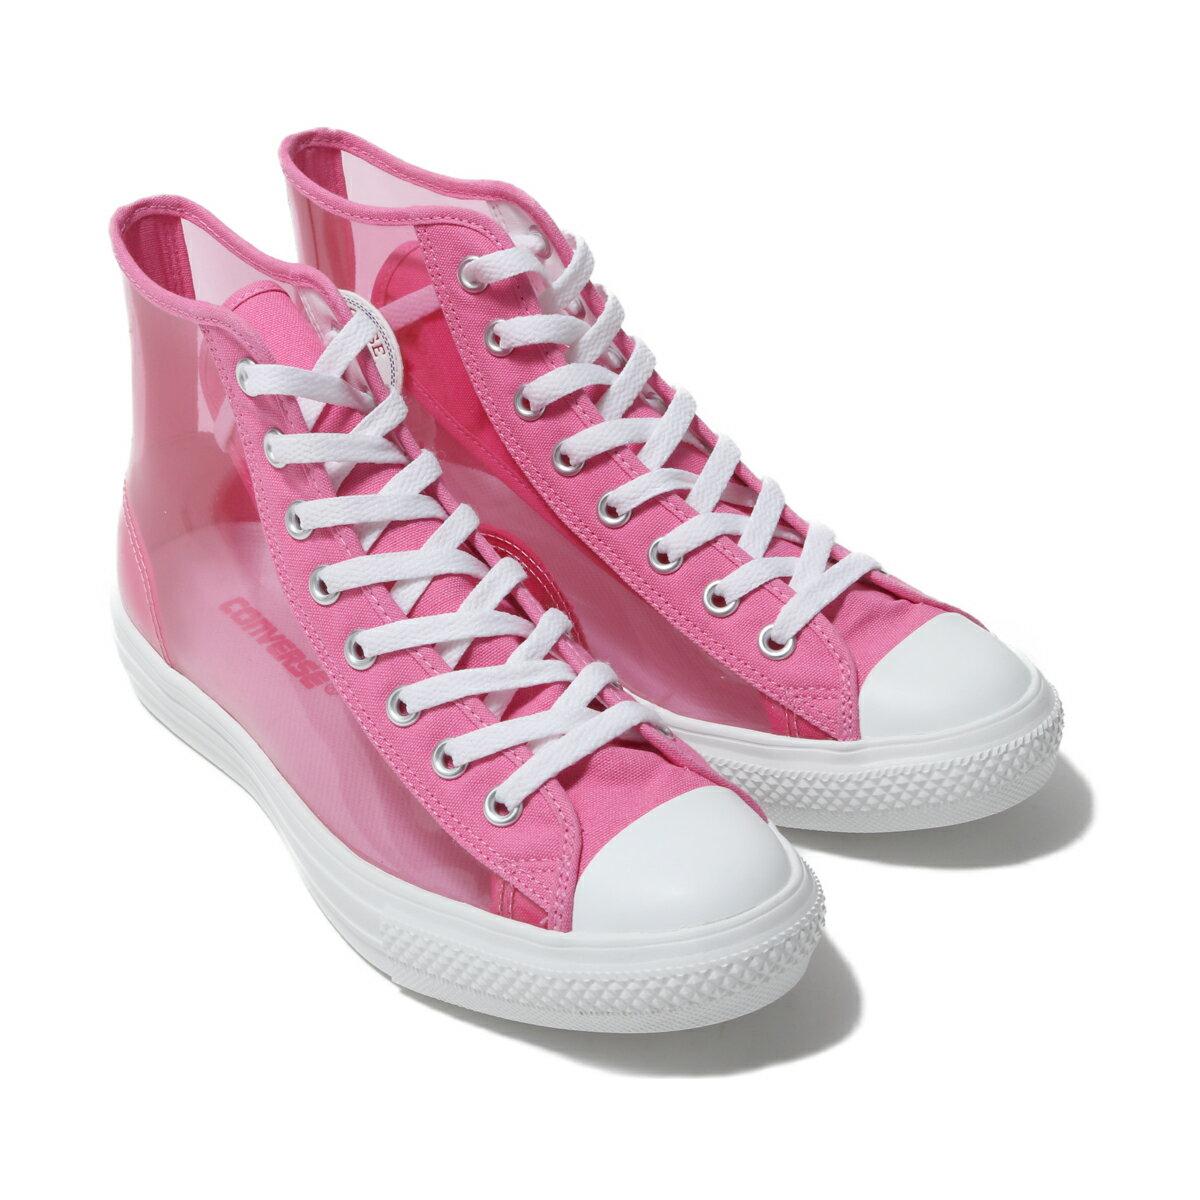 メンズ靴, スニーカー CONVERSE ALL STAR LIGHT CLEARMATERIAL HI( )PINK 19FW-S